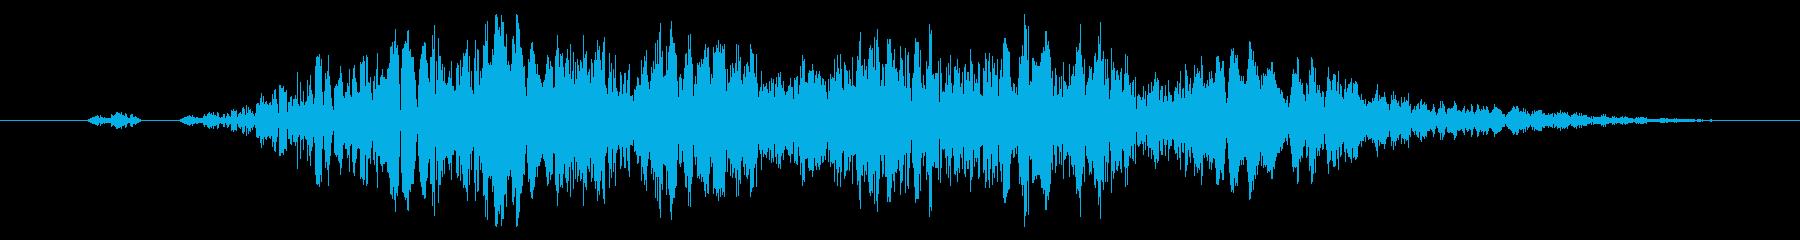 【打撃音17】パンチやキックに最適です!の再生済みの波形